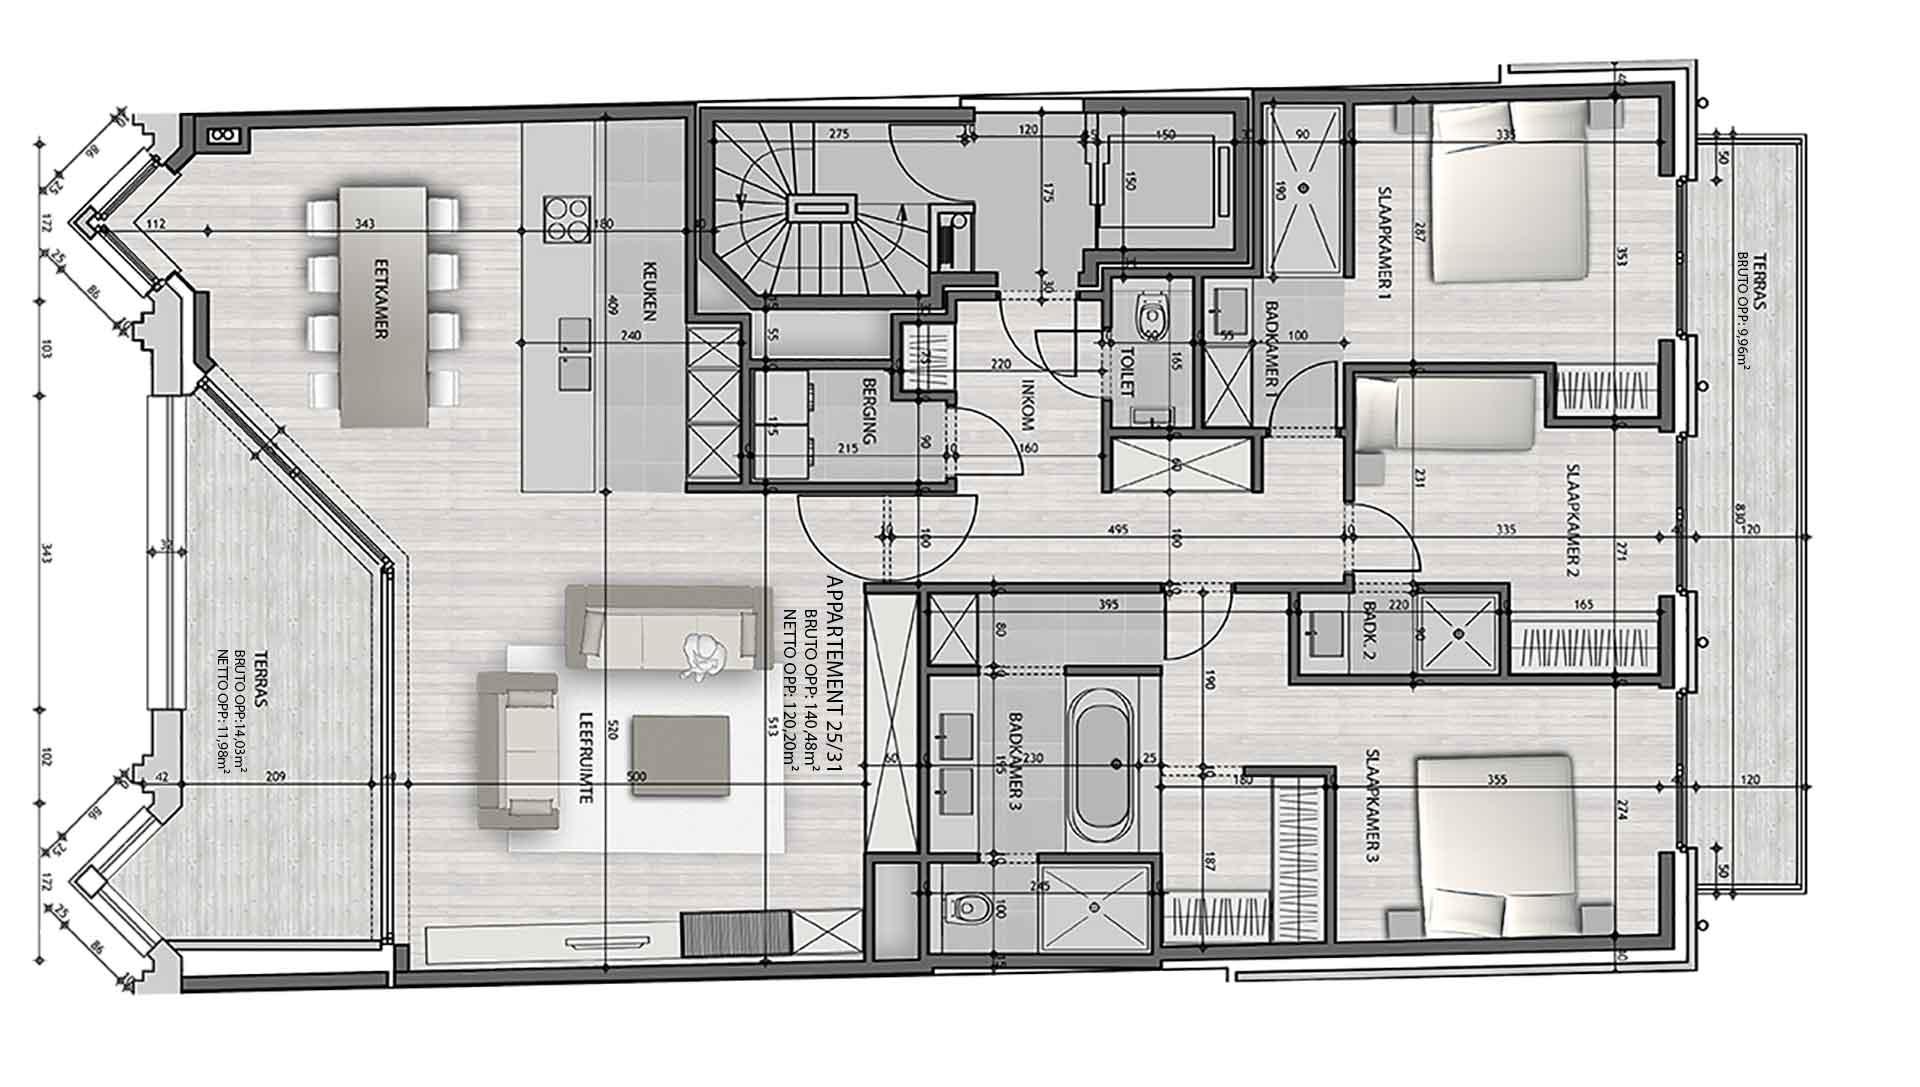 Residentie <br/> Berlage - image appartement-te-koop-knokke-residentie-berlage-31 on https://hoprom.be